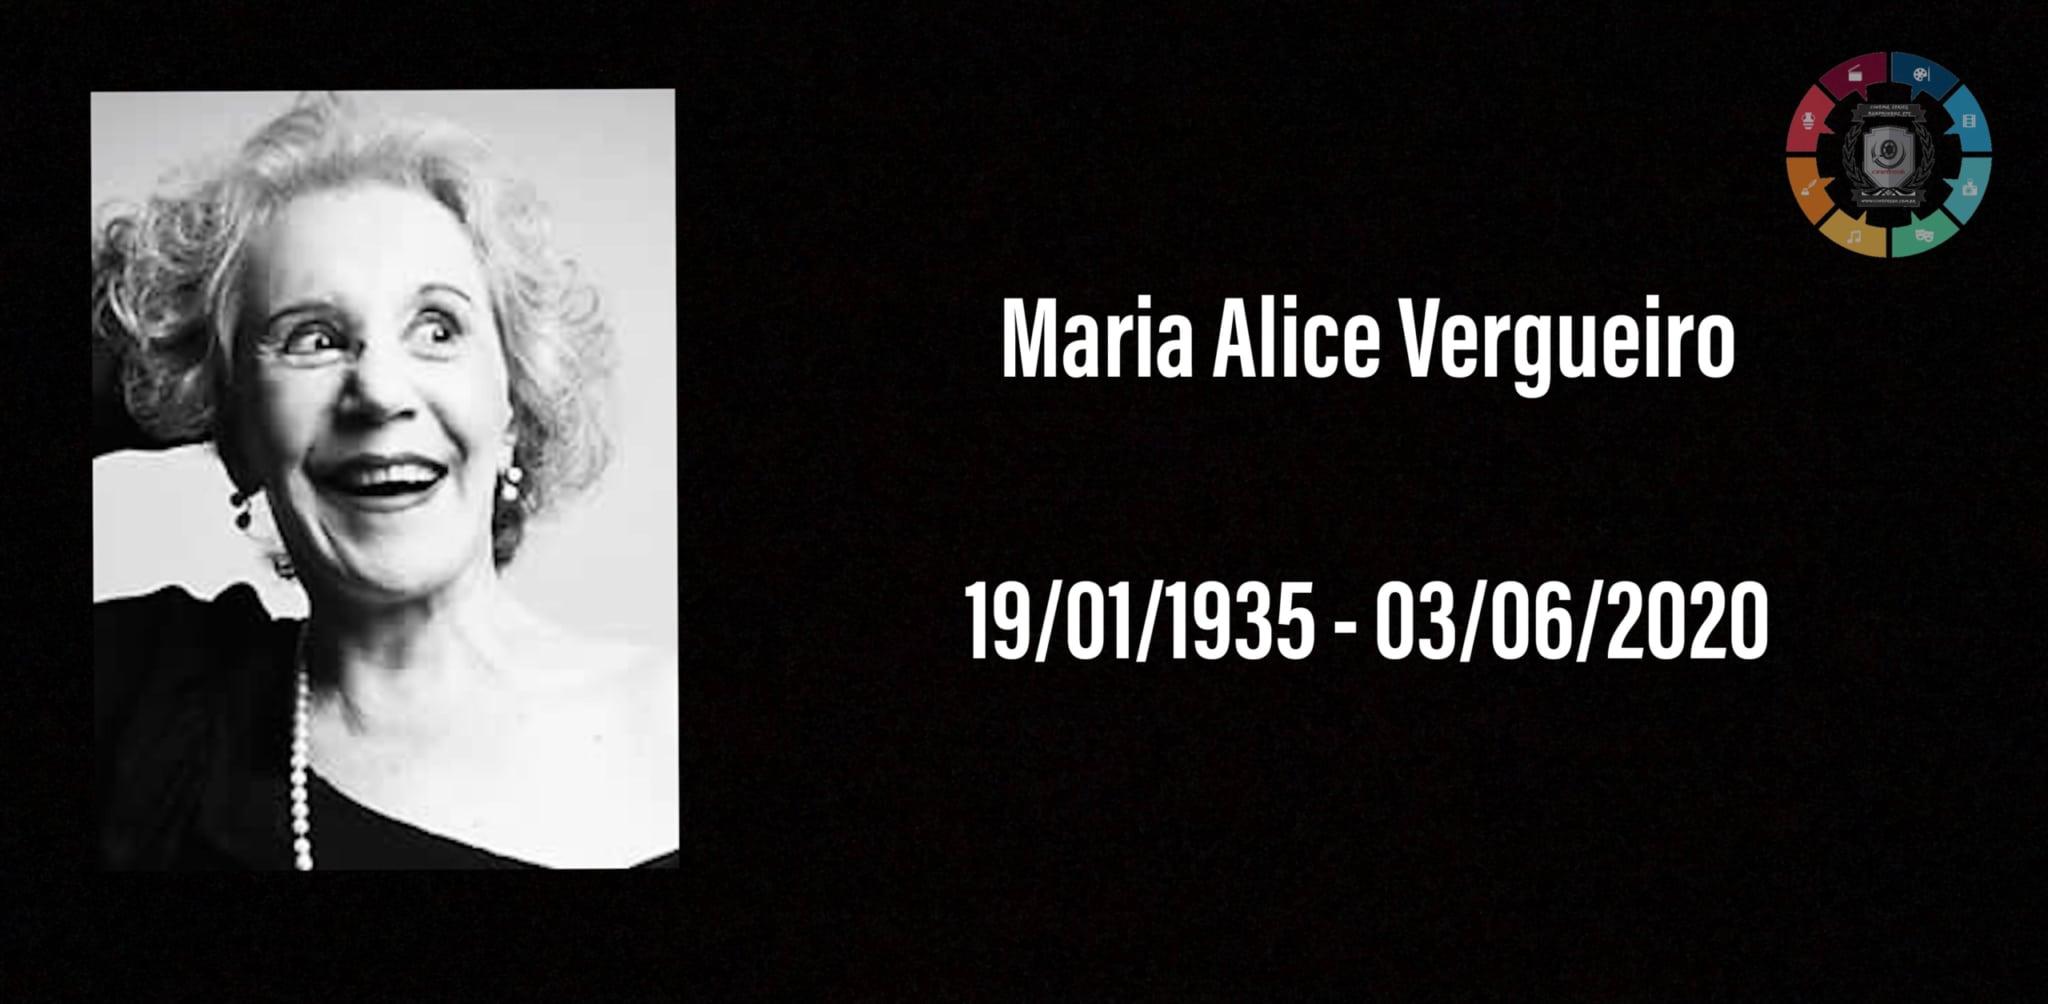 Atriz Maria Alice Vergueiro morre aos 85 anos 1